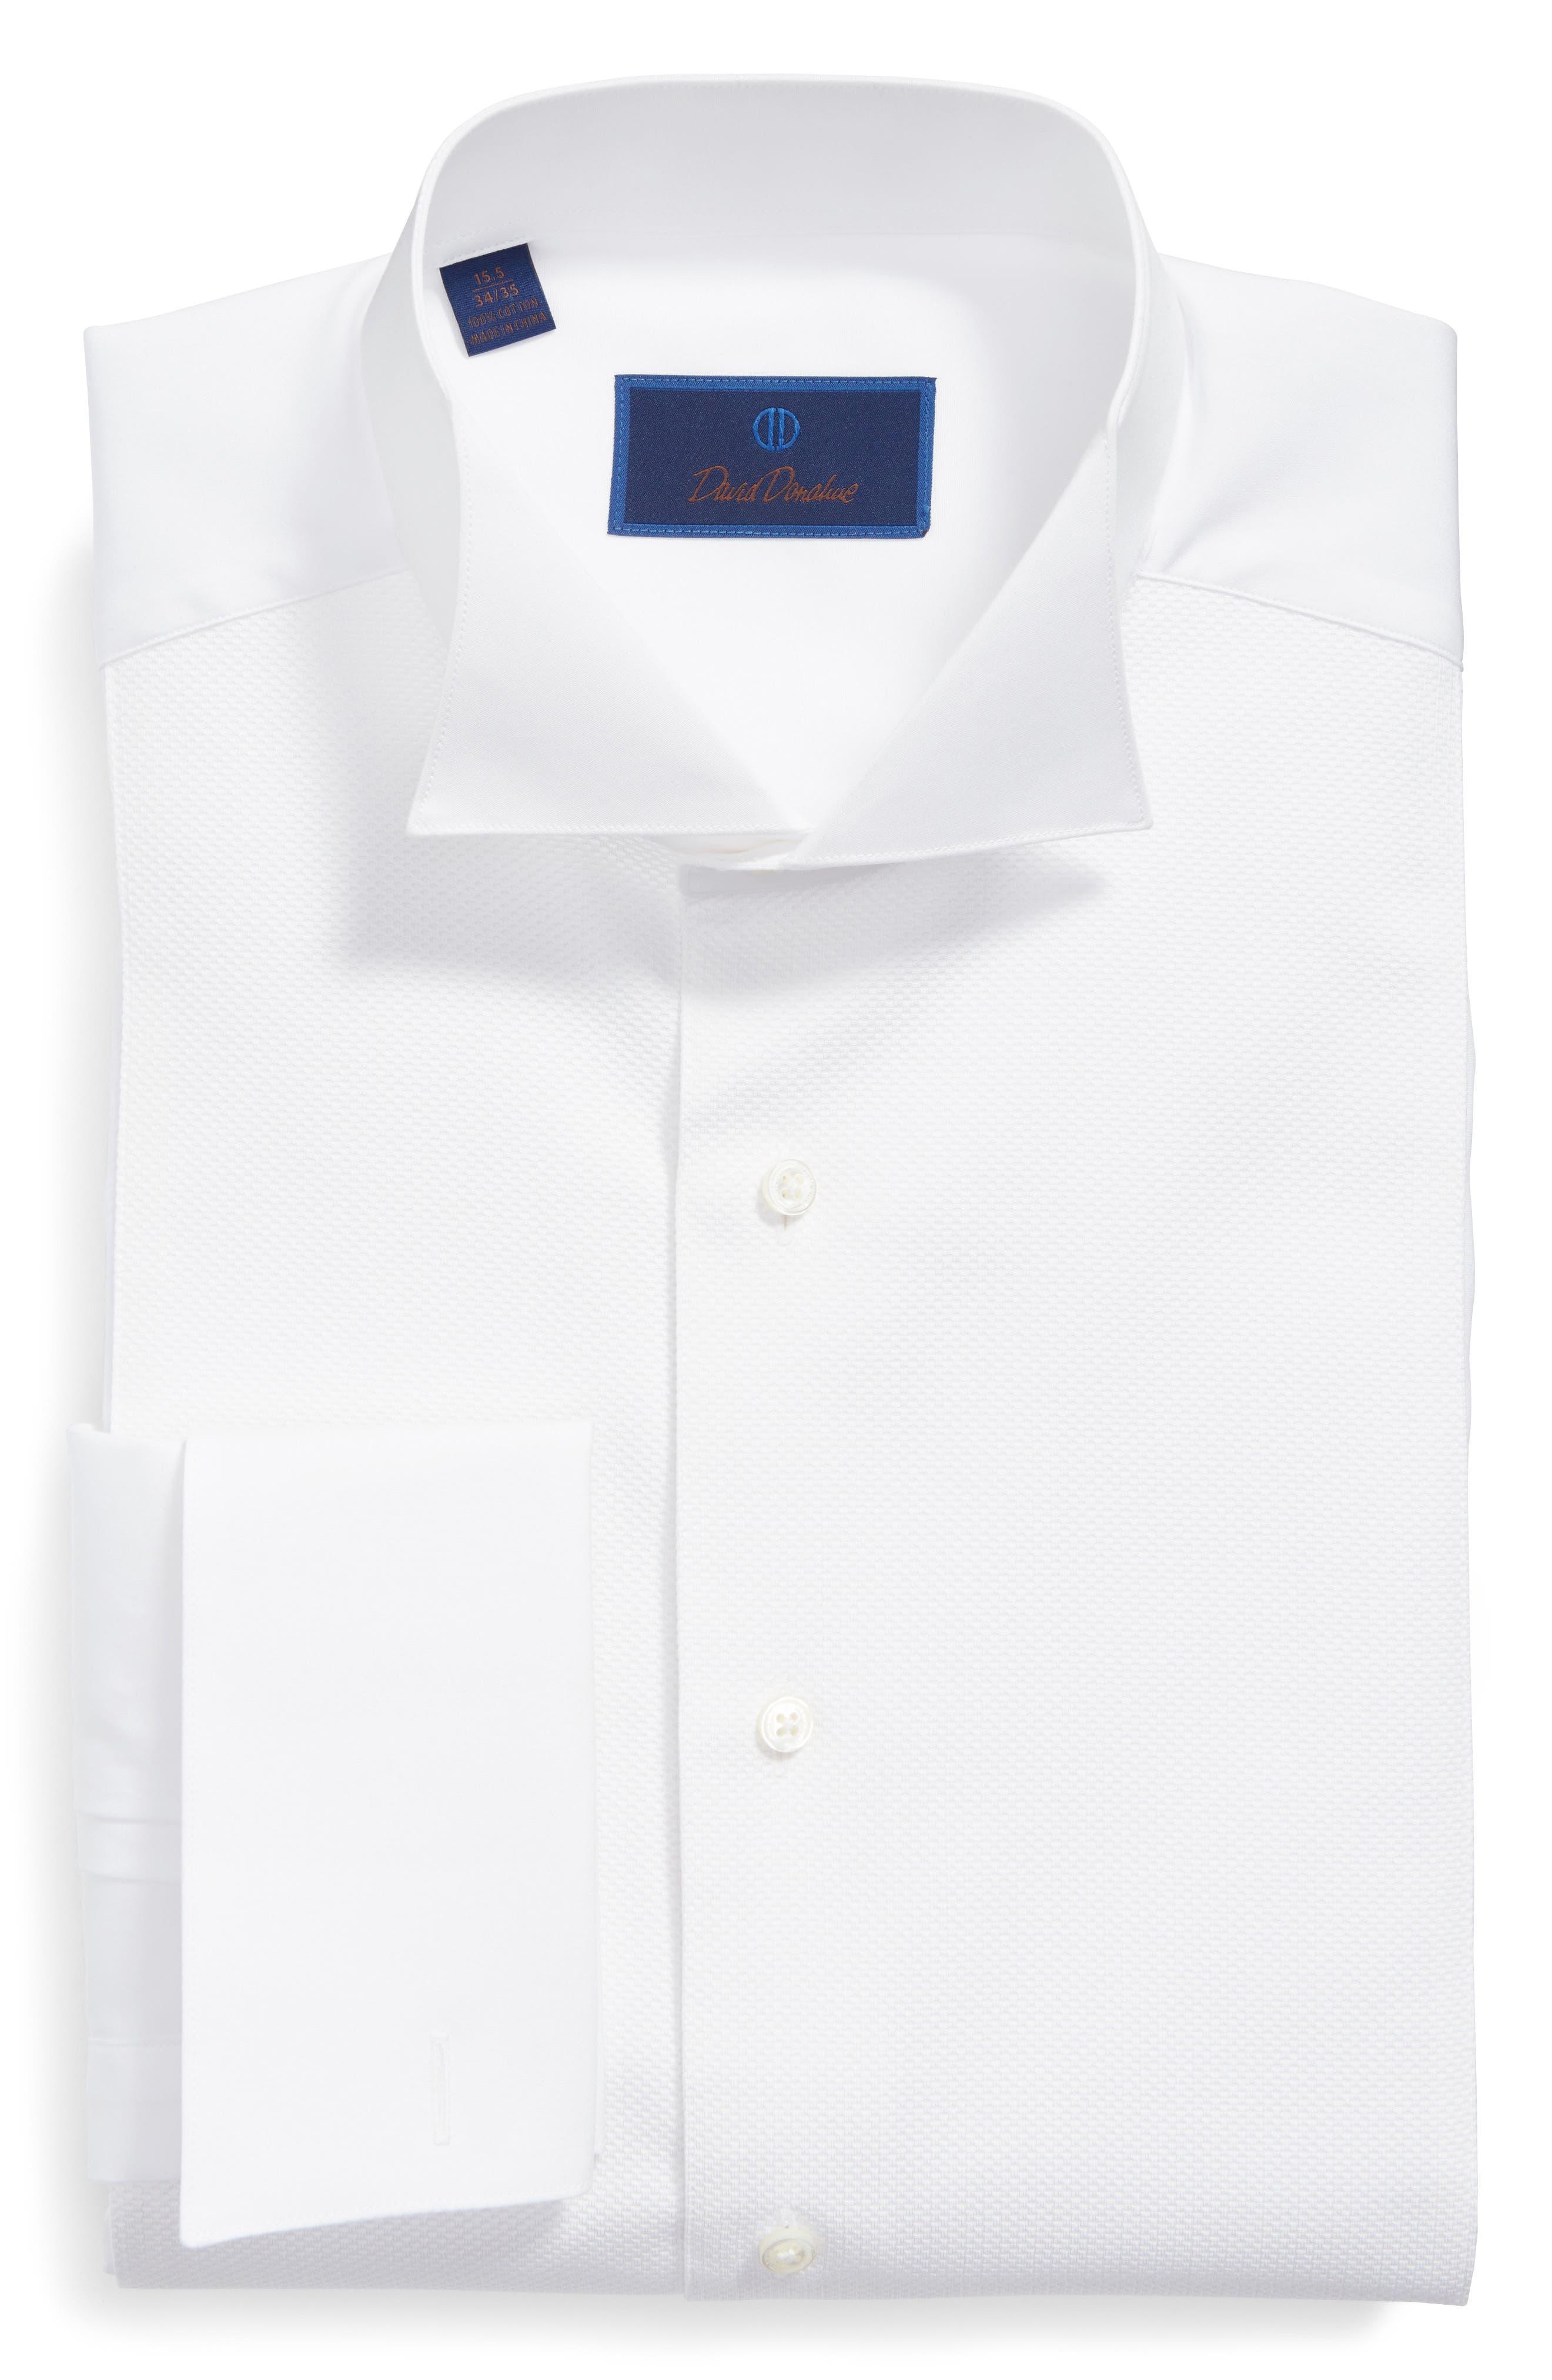 tuxedo shirt cuff